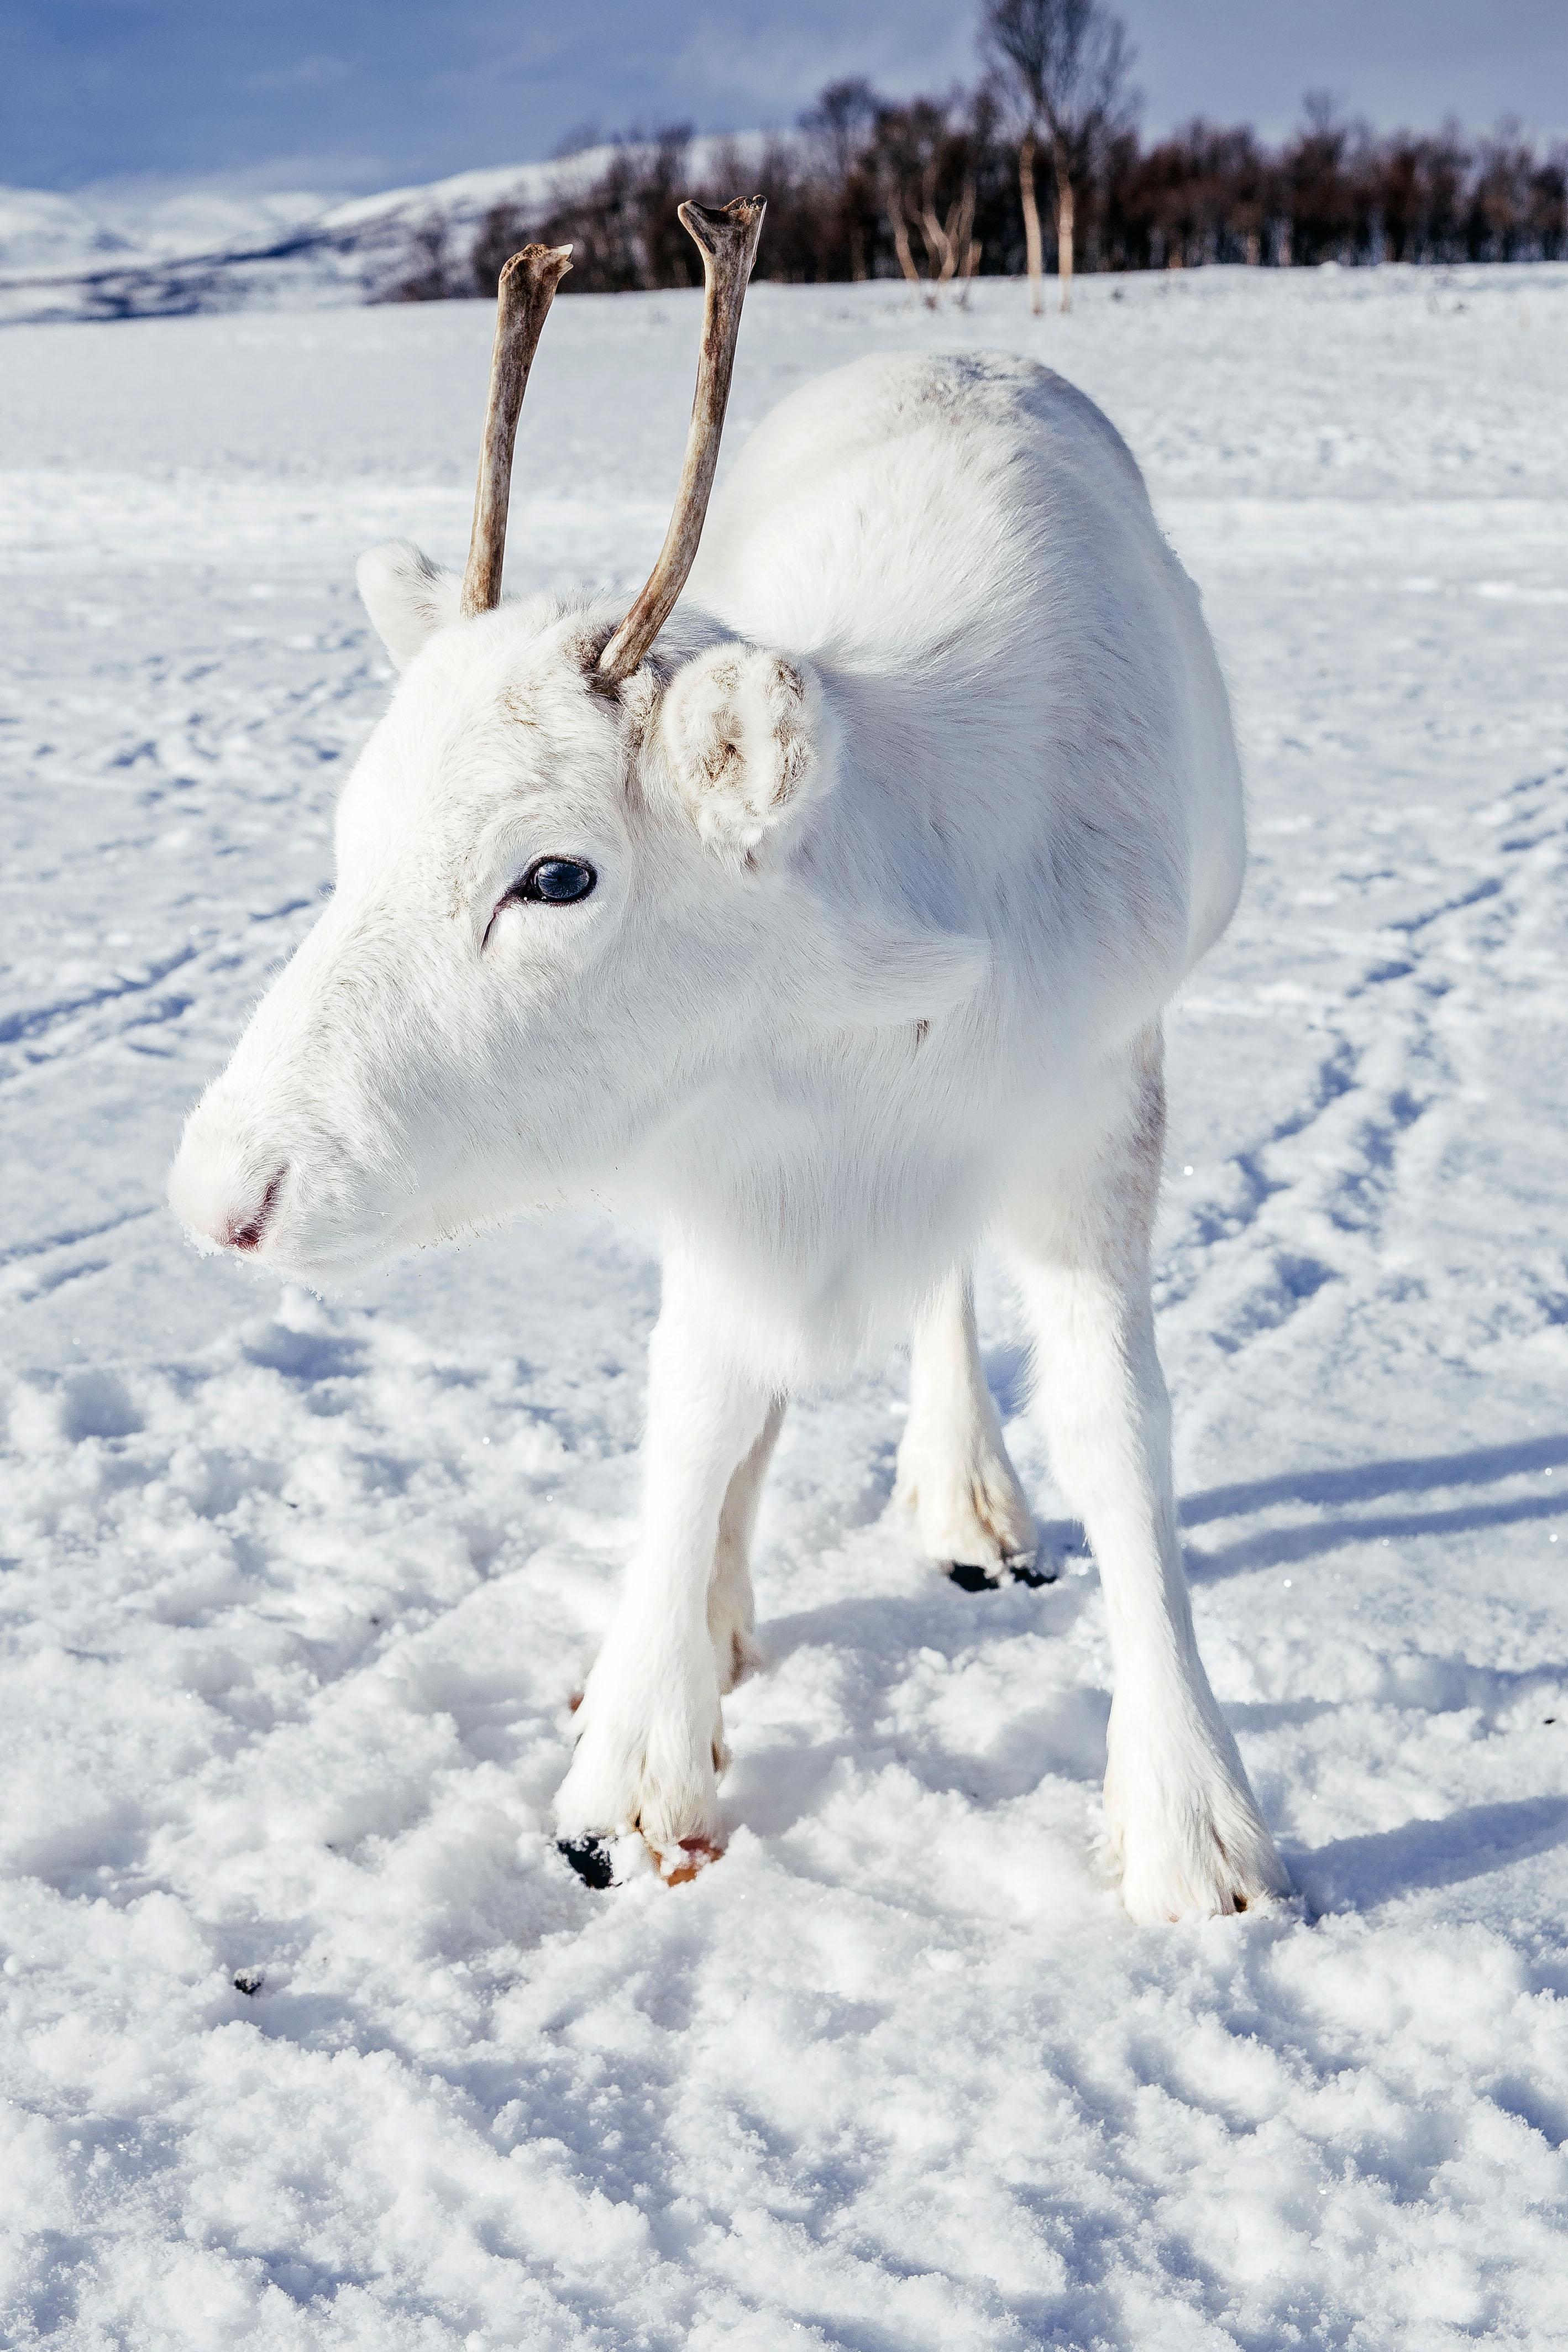 驯鹿具有一种罕见的基因突变意义它的皮毛是纯白色的。信贷:满足/马德斯Nordsveen